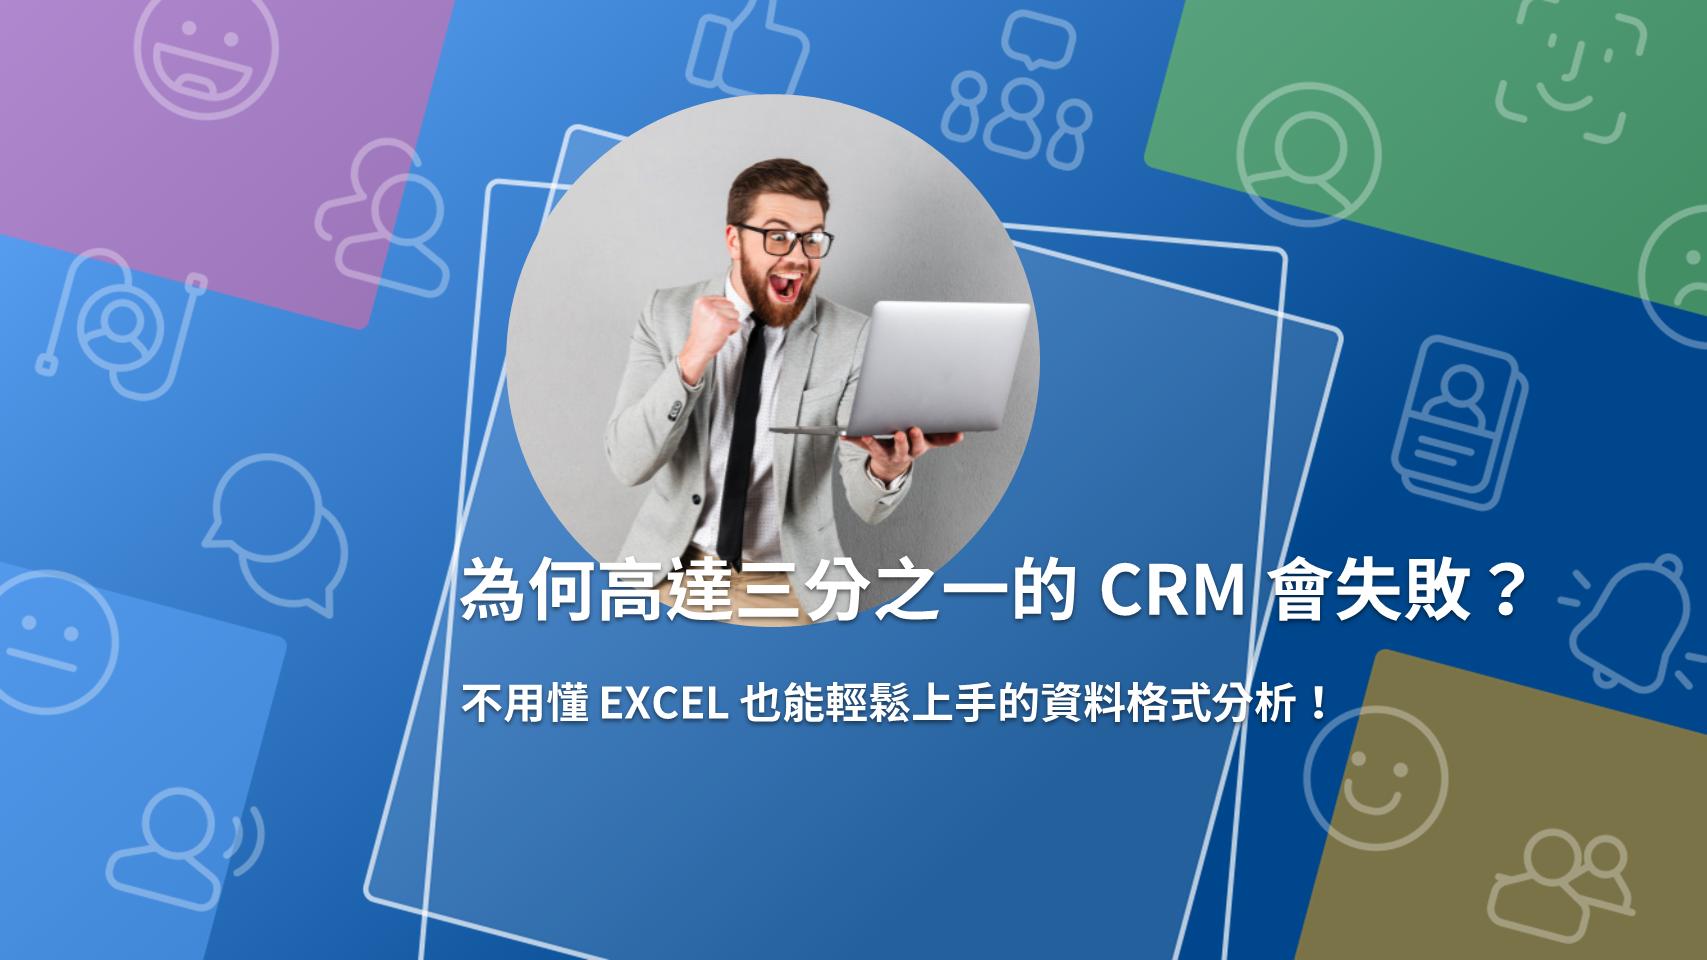 選擇適合的 CRM 系統,數據整理與彙整不再困難